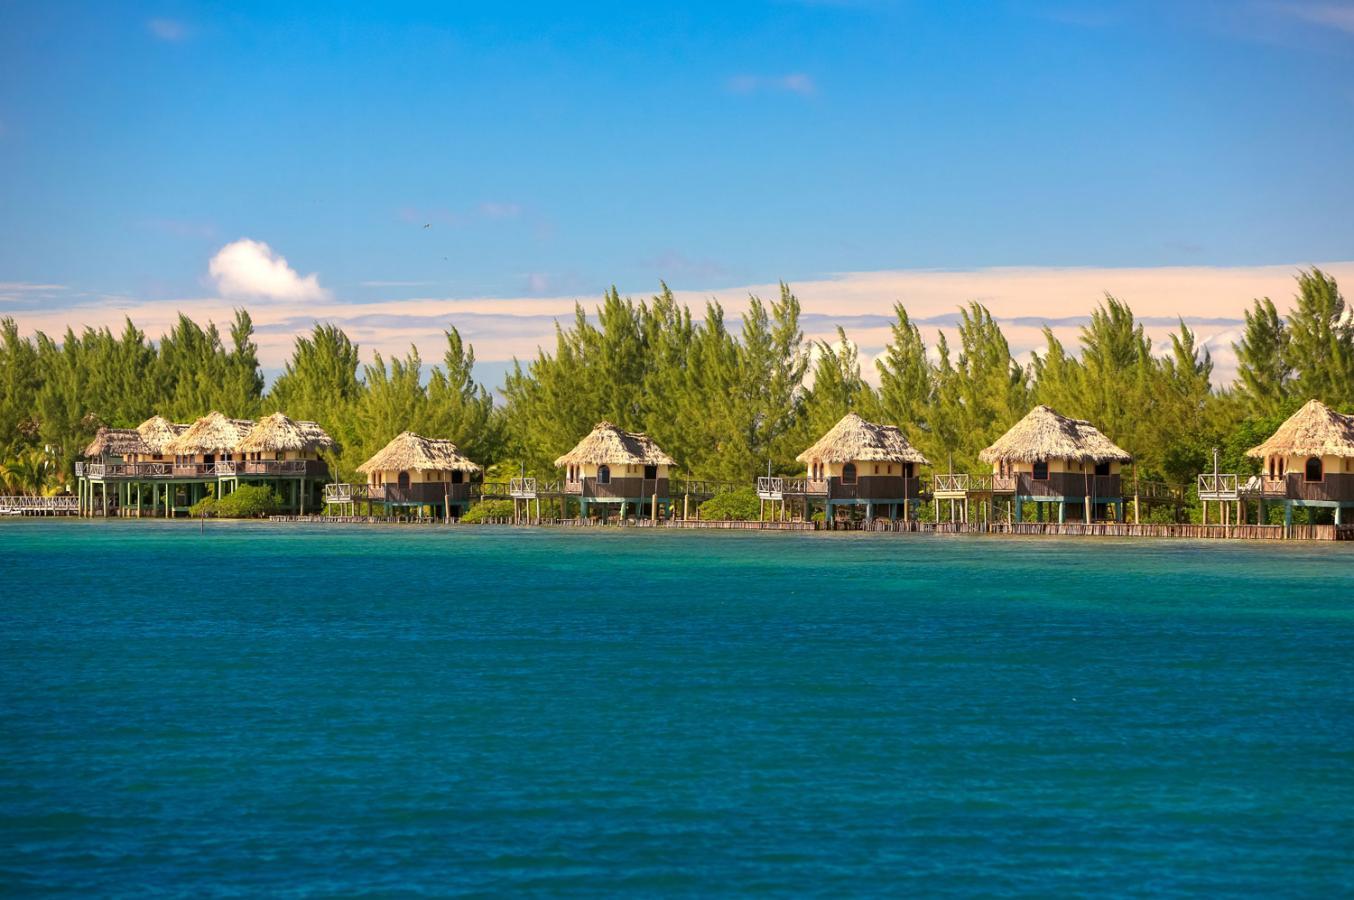 Coco Plum Cay